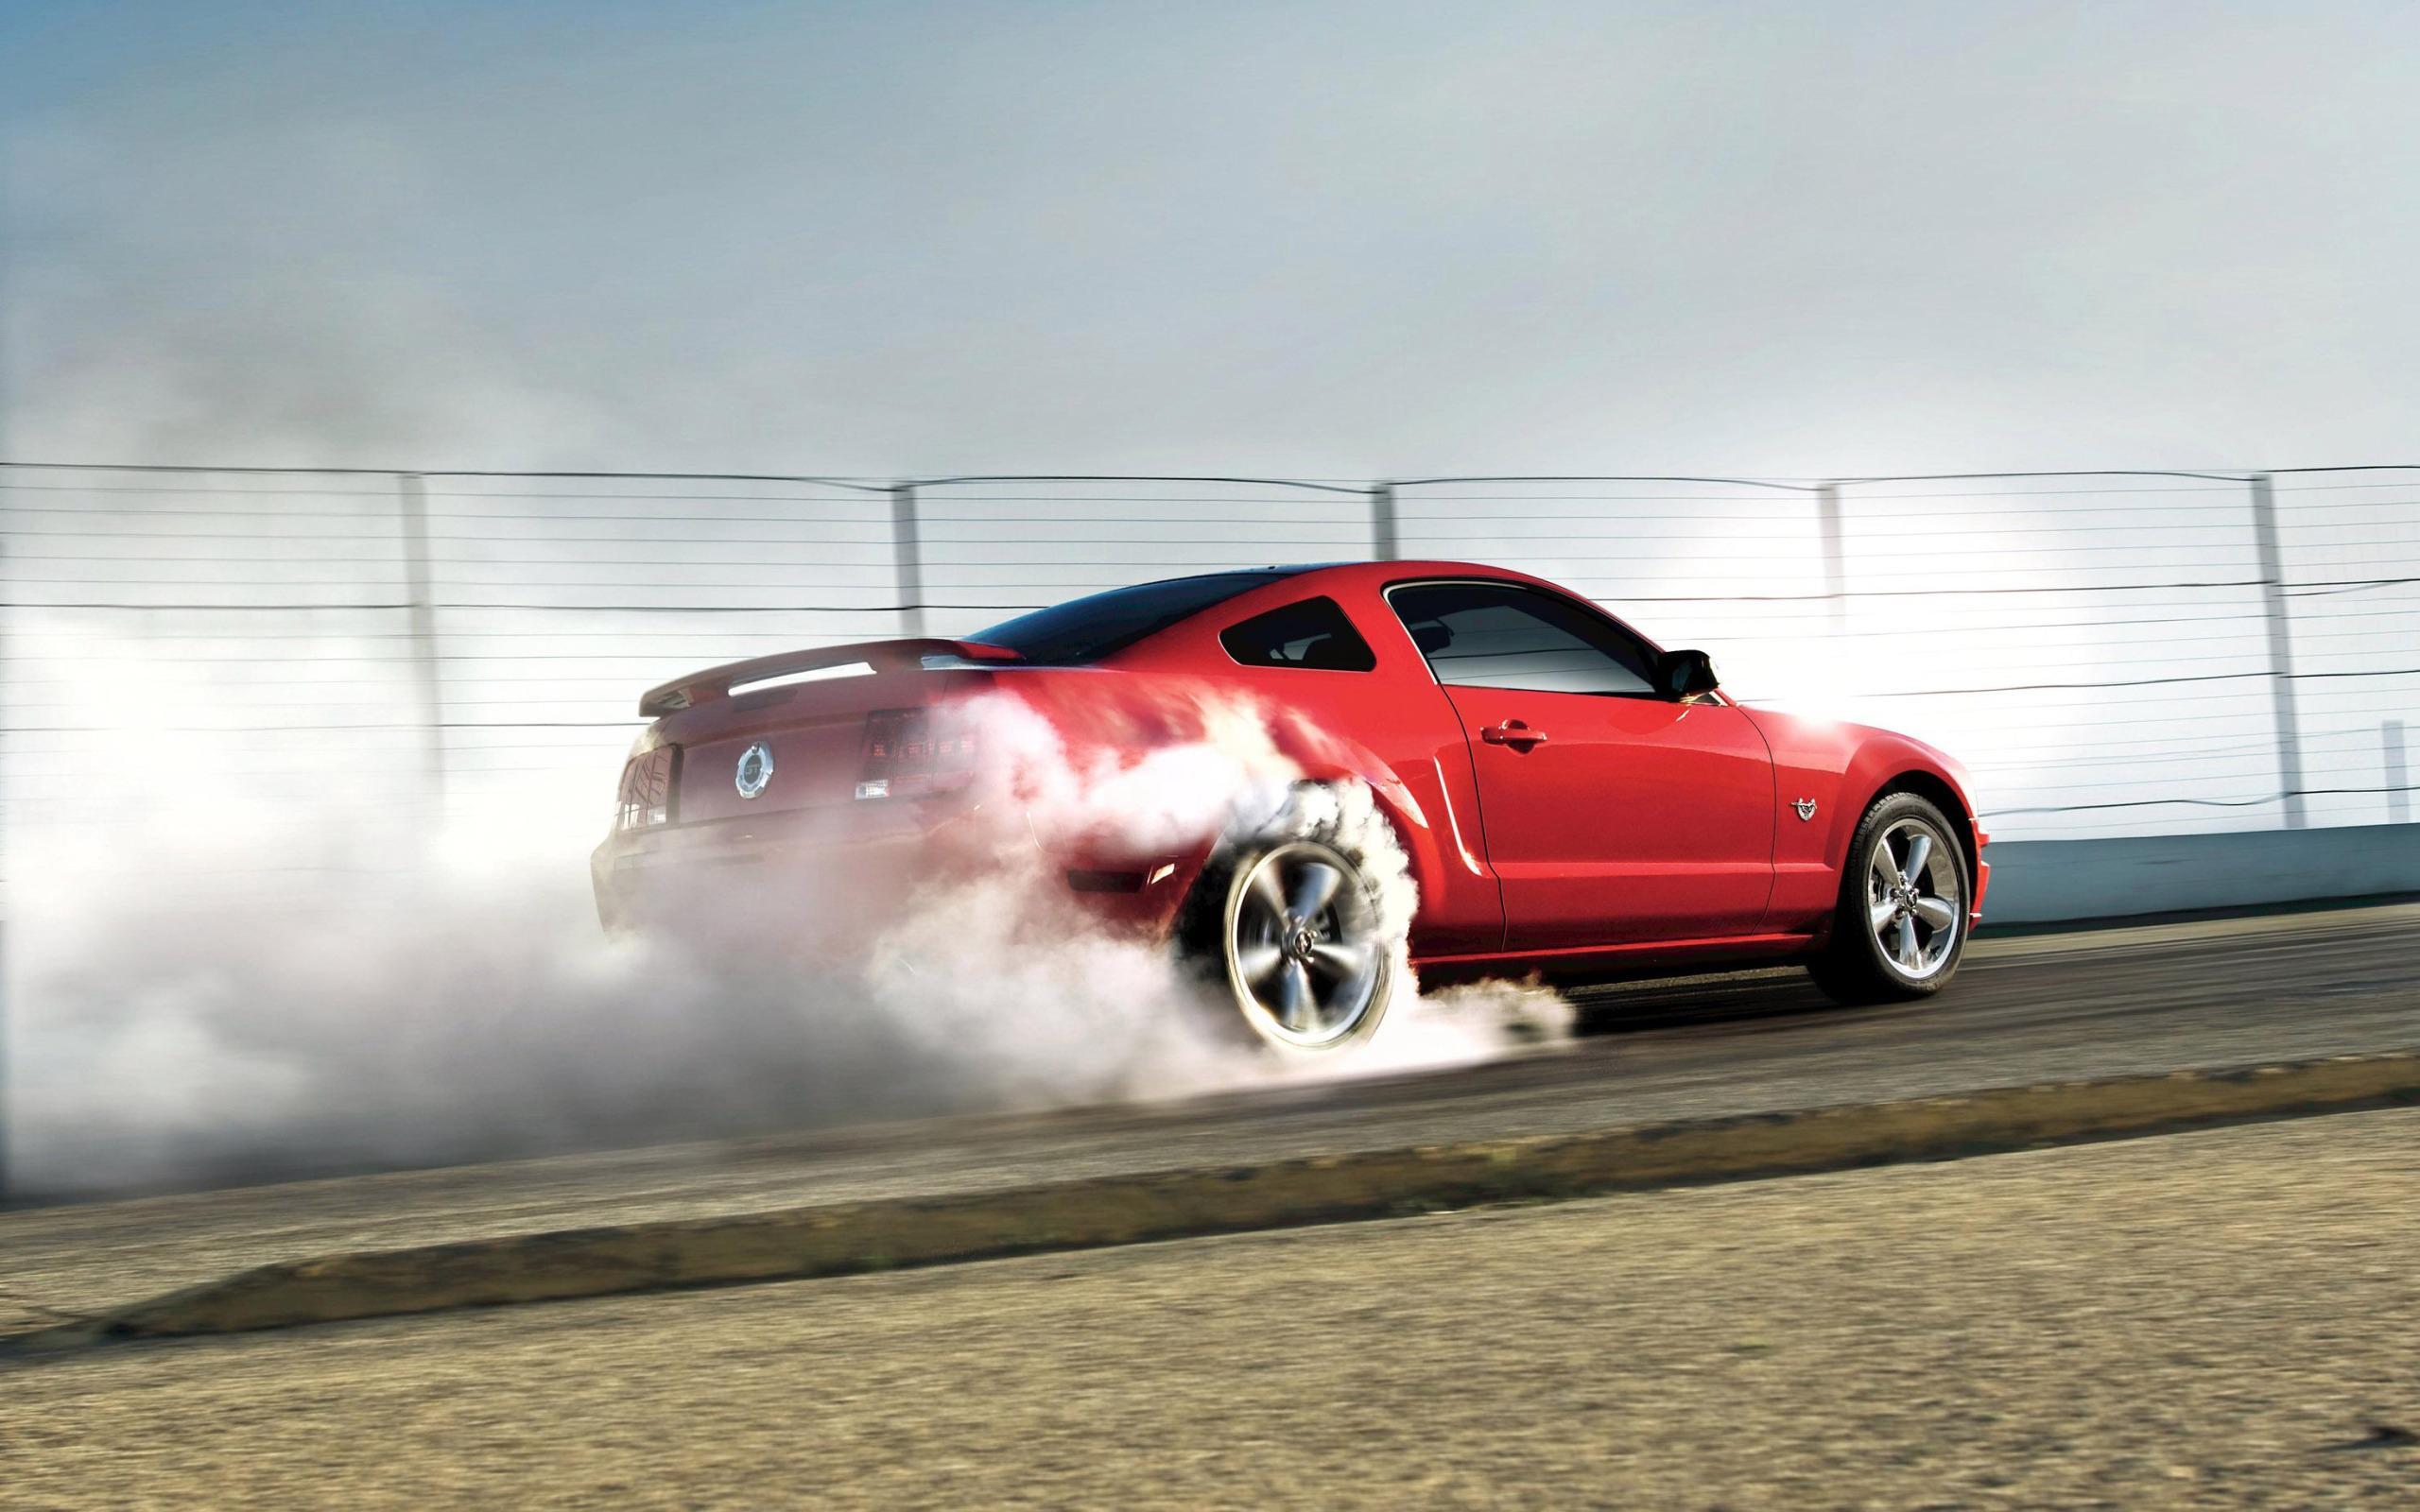 福特野马GT跑车高清壁纸高清图片